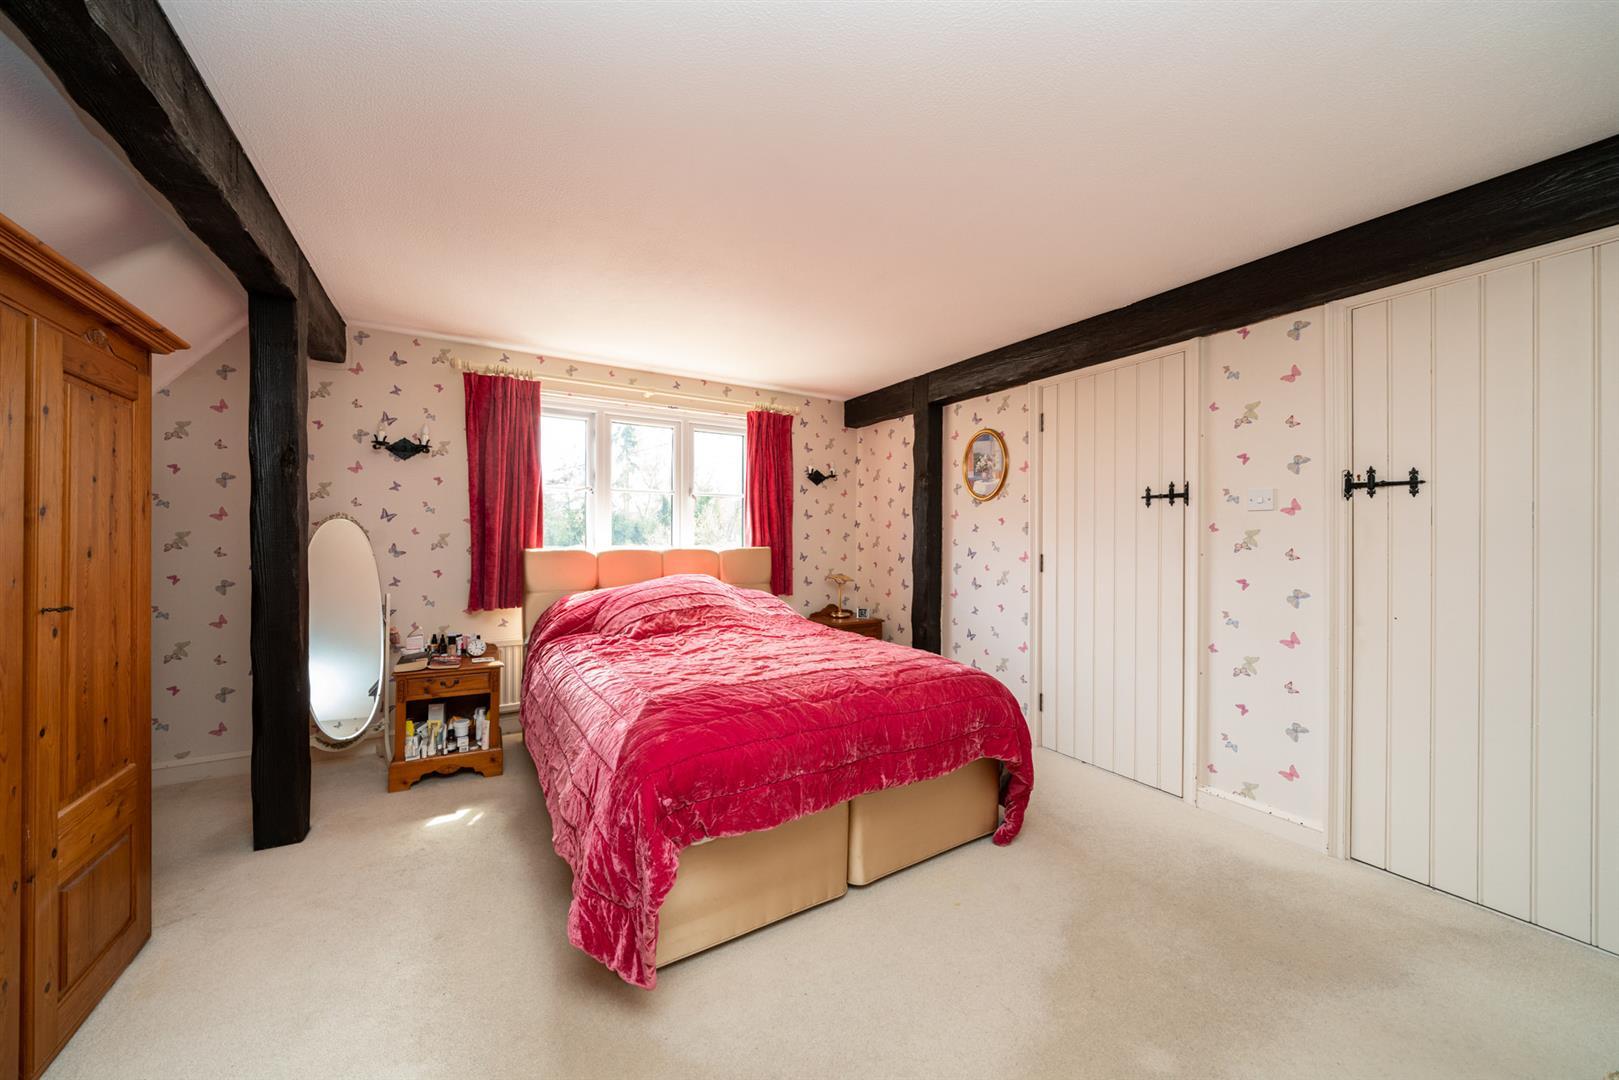 Woodlands-bedroom 2.jpg